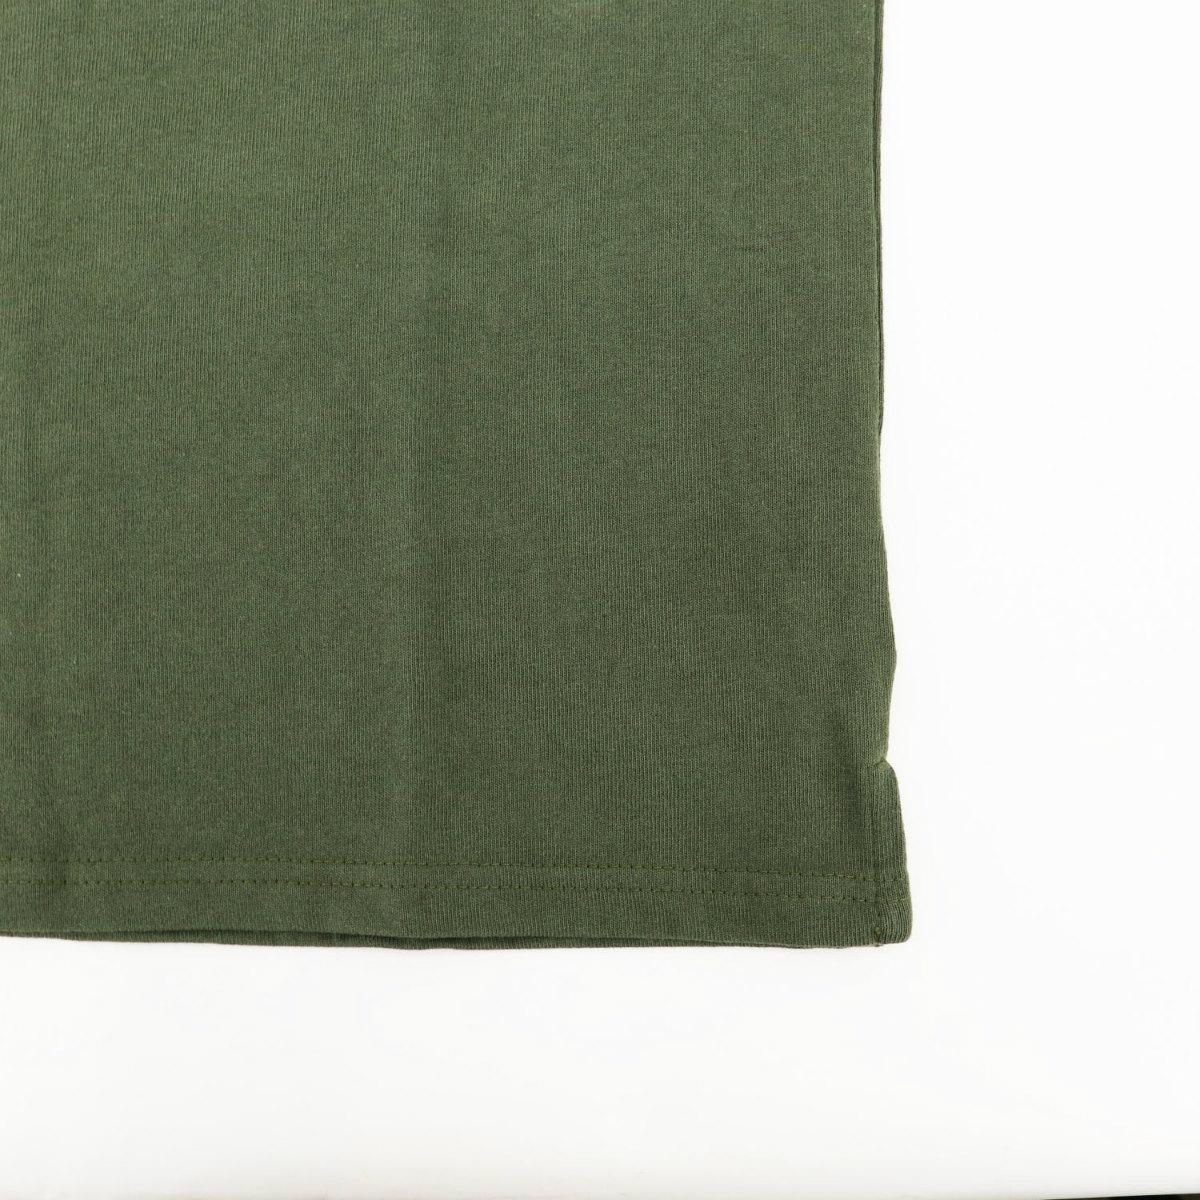 スウィープ ロサンゼルス Sweep!! LosAngeles メンズ USAコットン ヘンリーネック 半袖 Tシャツ USA COTTON-T / SL160006 SWP KHAKI(カーキ) 春夏新作